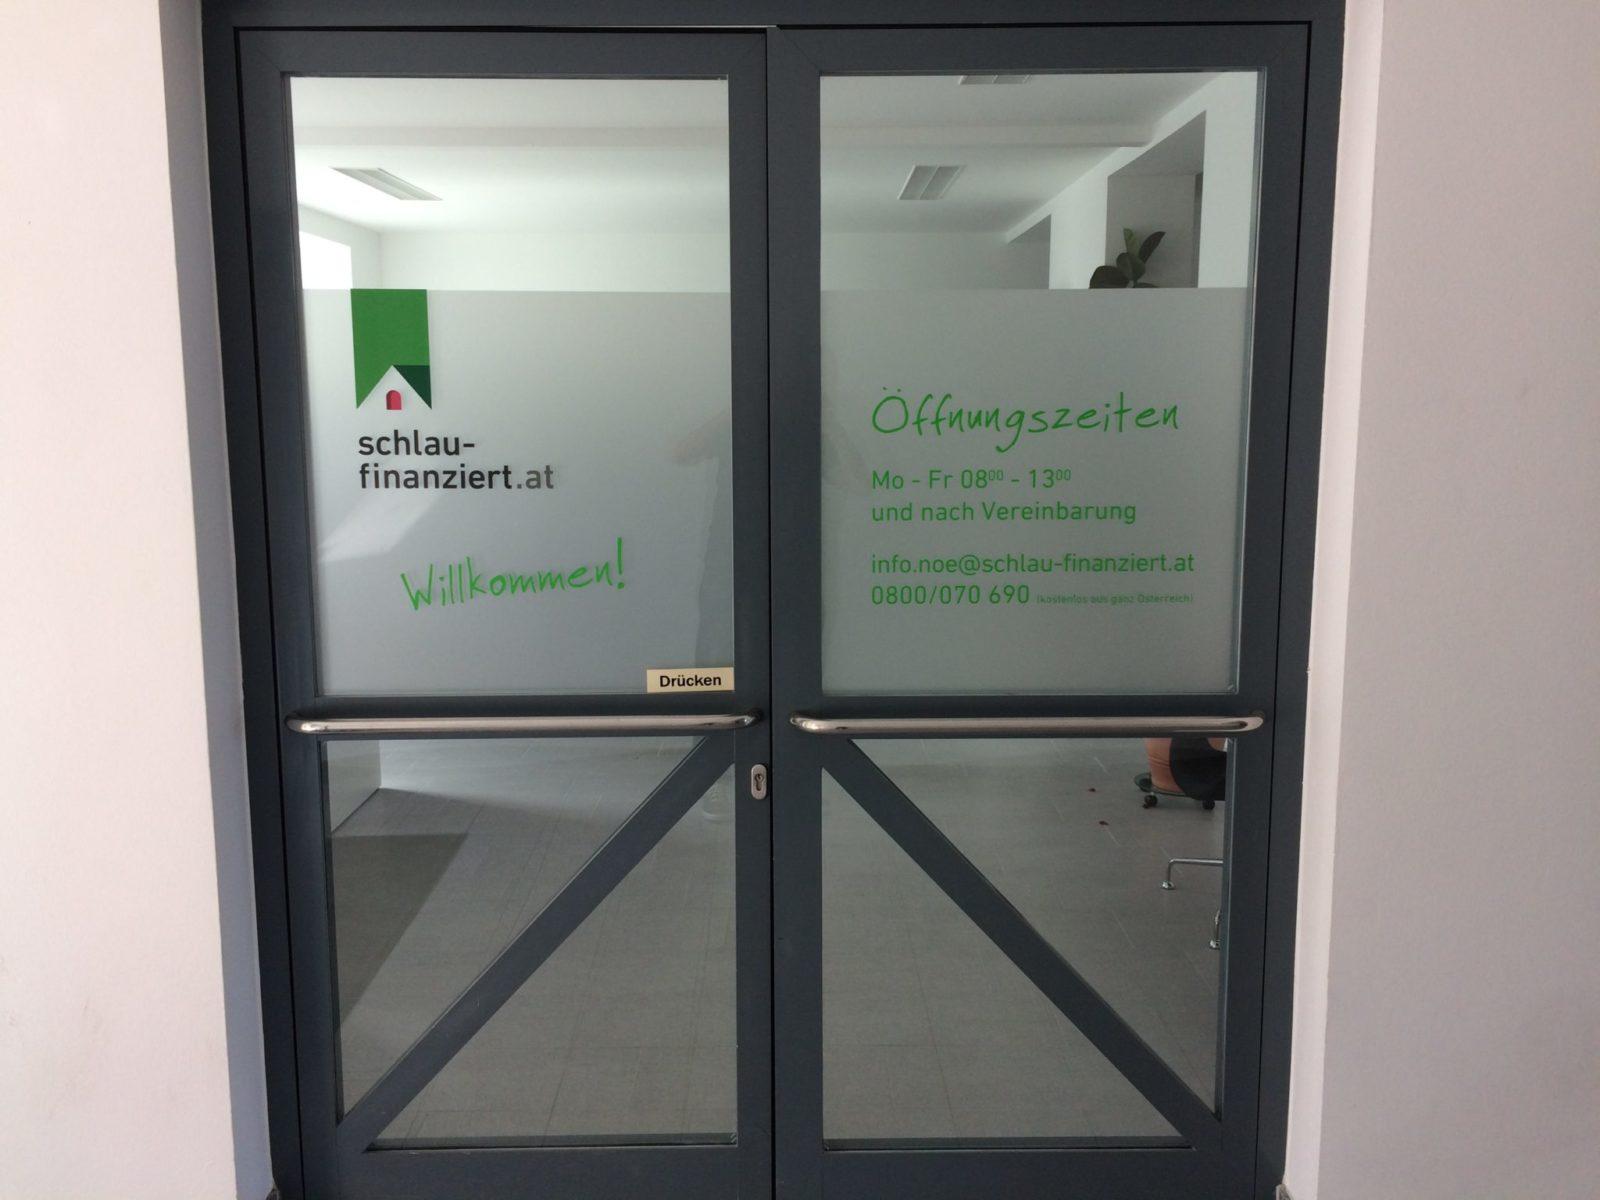 Büro Eingang mit Öffnungszeiten